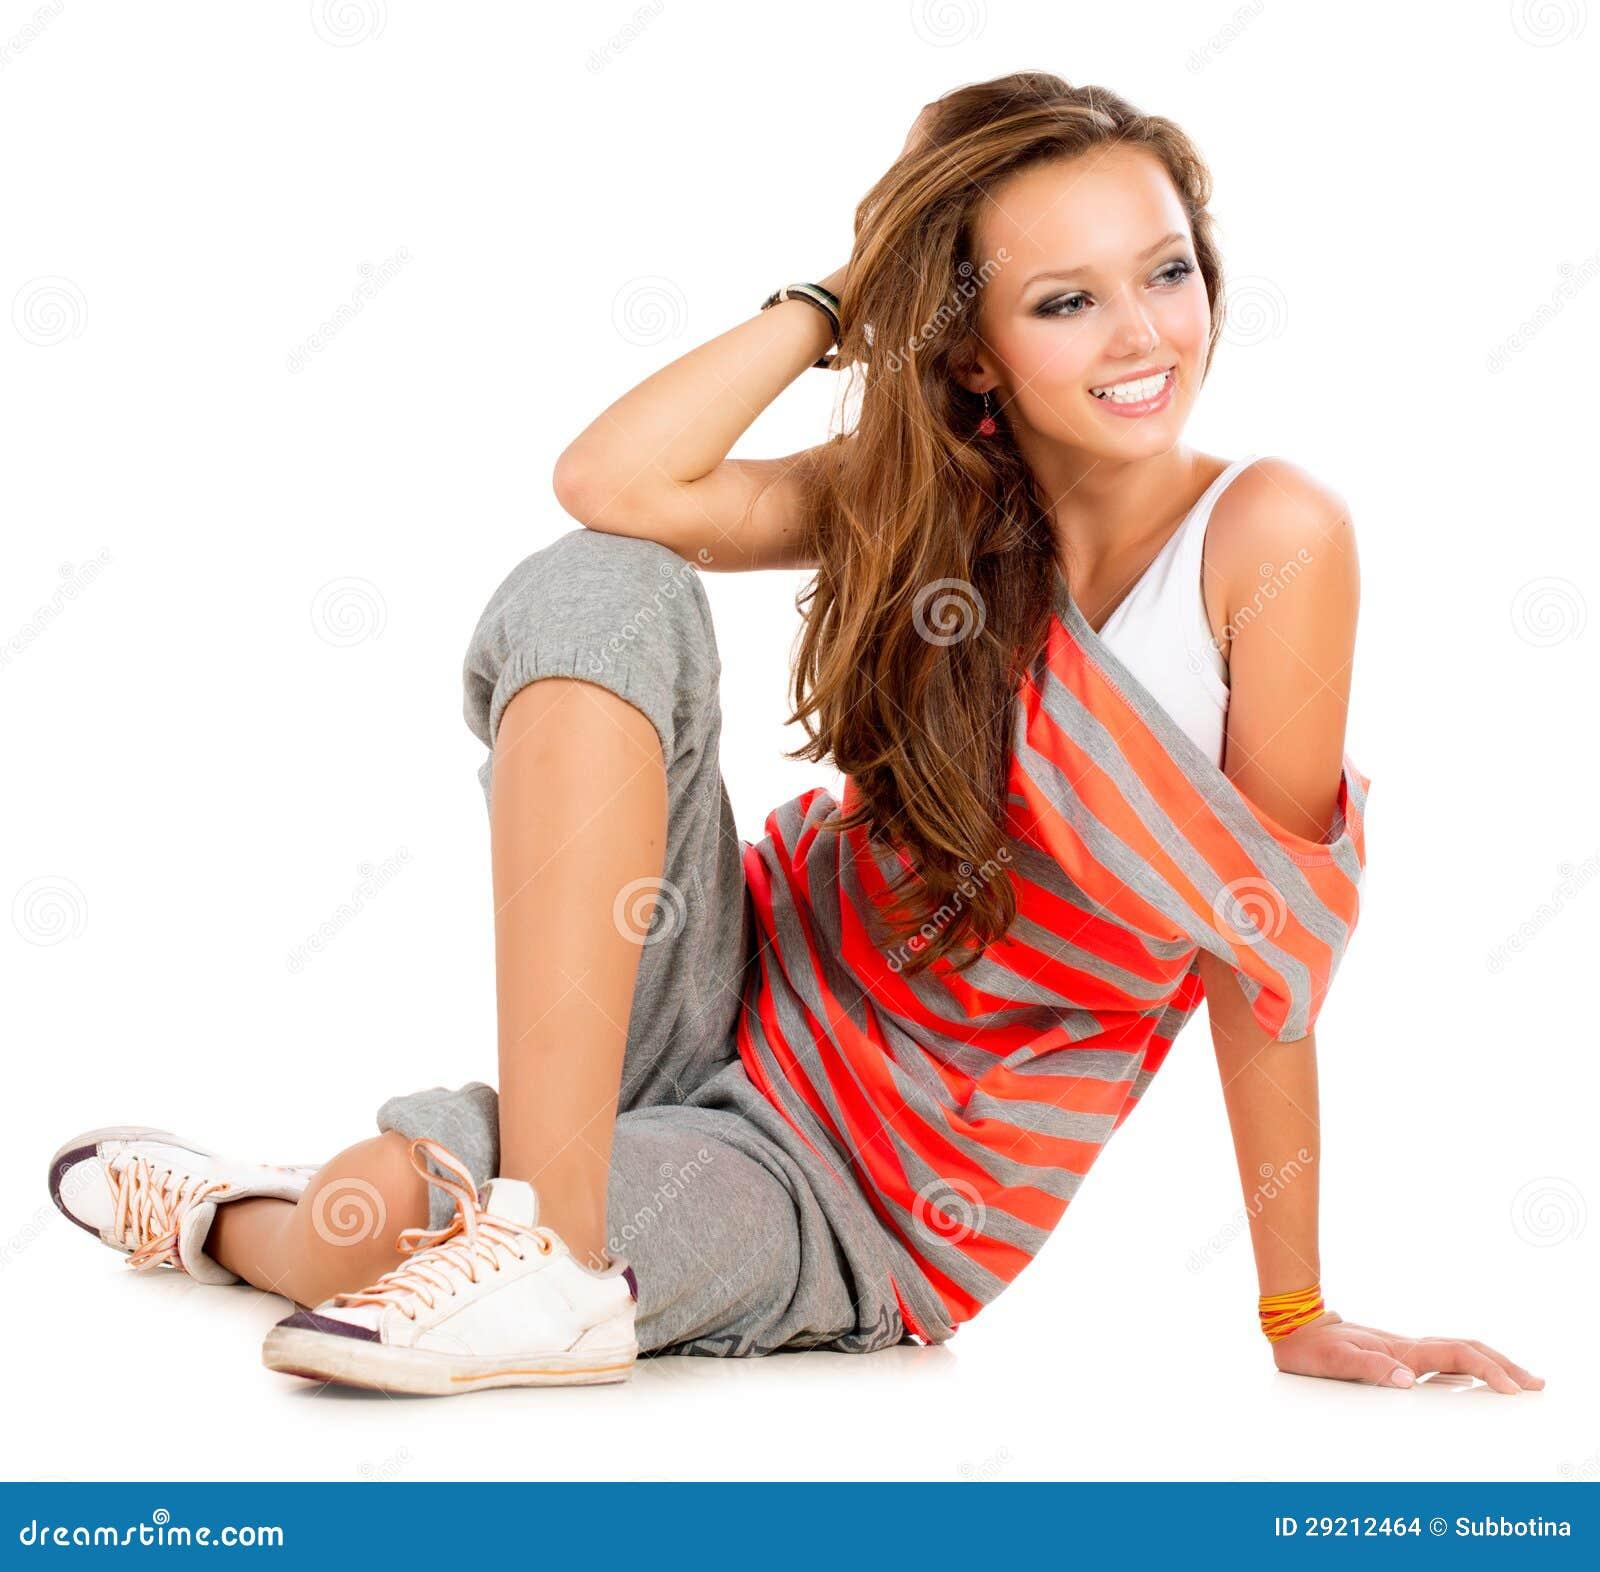 Симпатичная девочка подросток фото 3 фотография